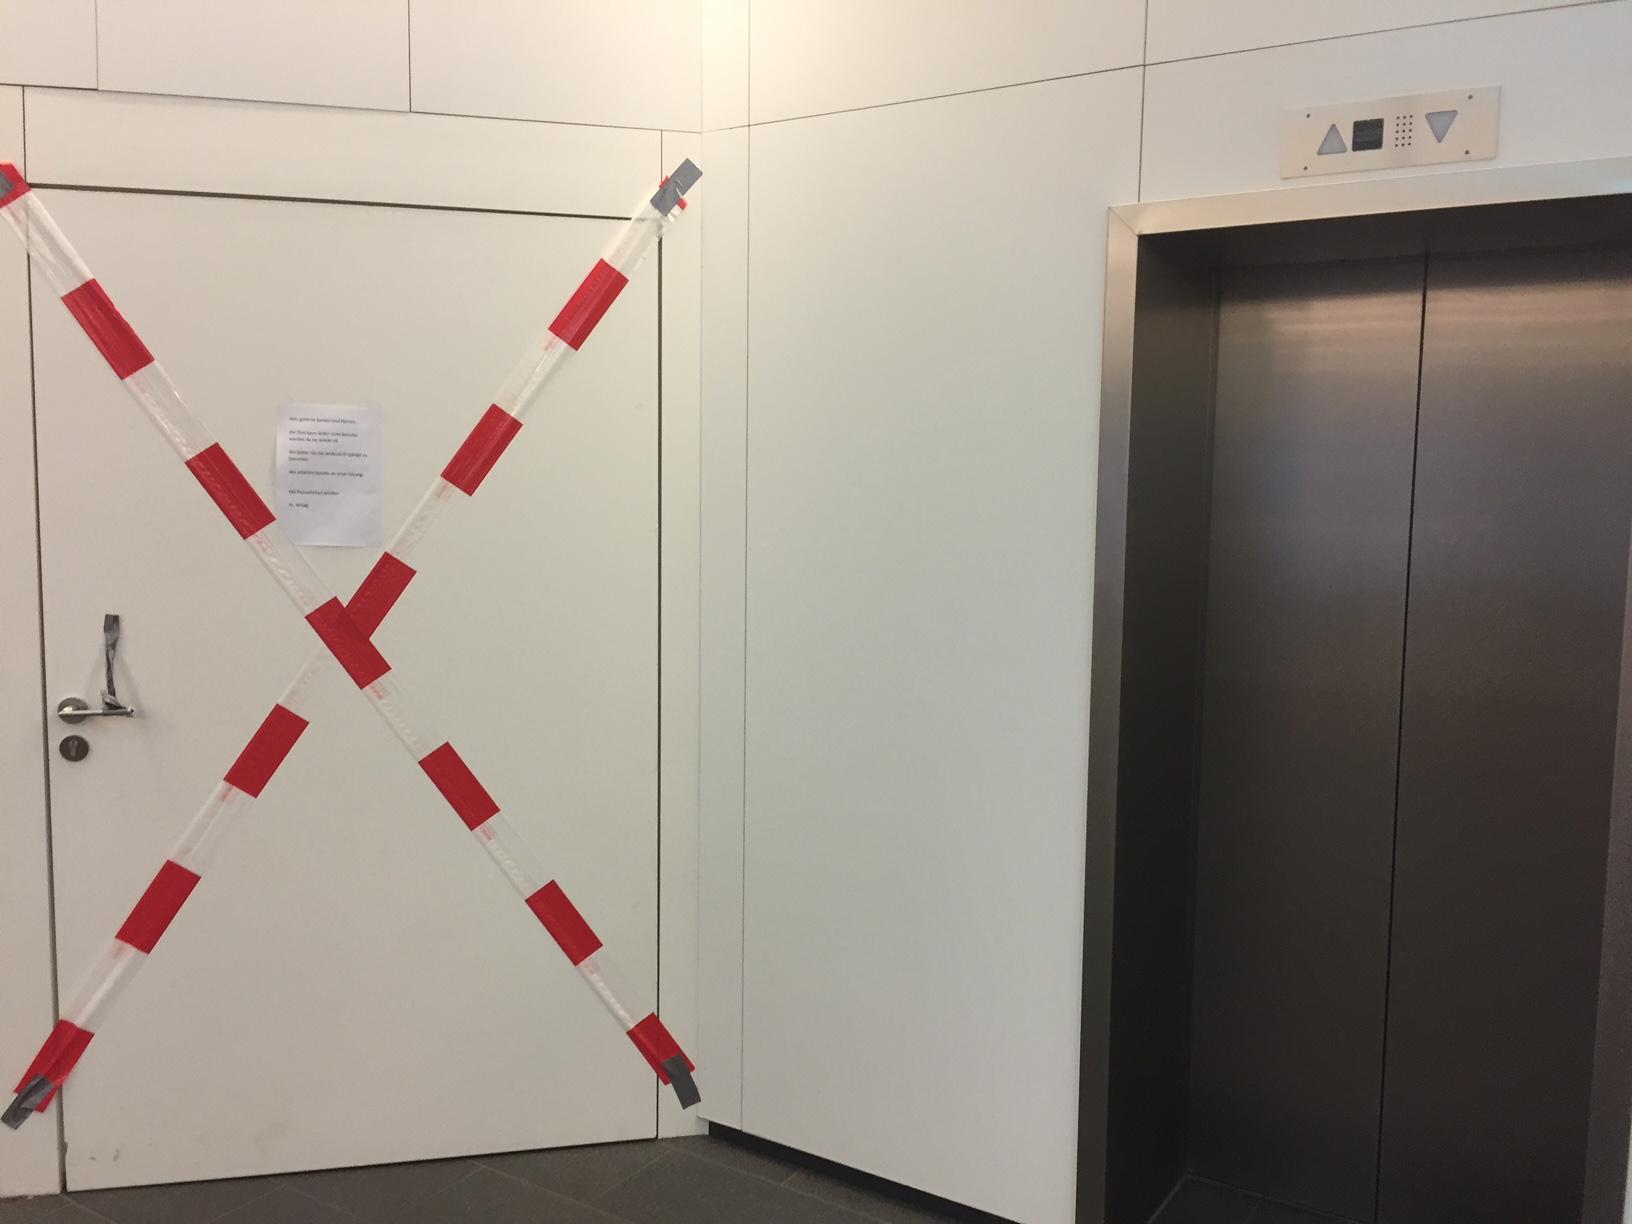 So viel zum Thema Plan B, wenn das Treppenhaus die Bewegung blockt. ©Nina-Carissima Schönrock